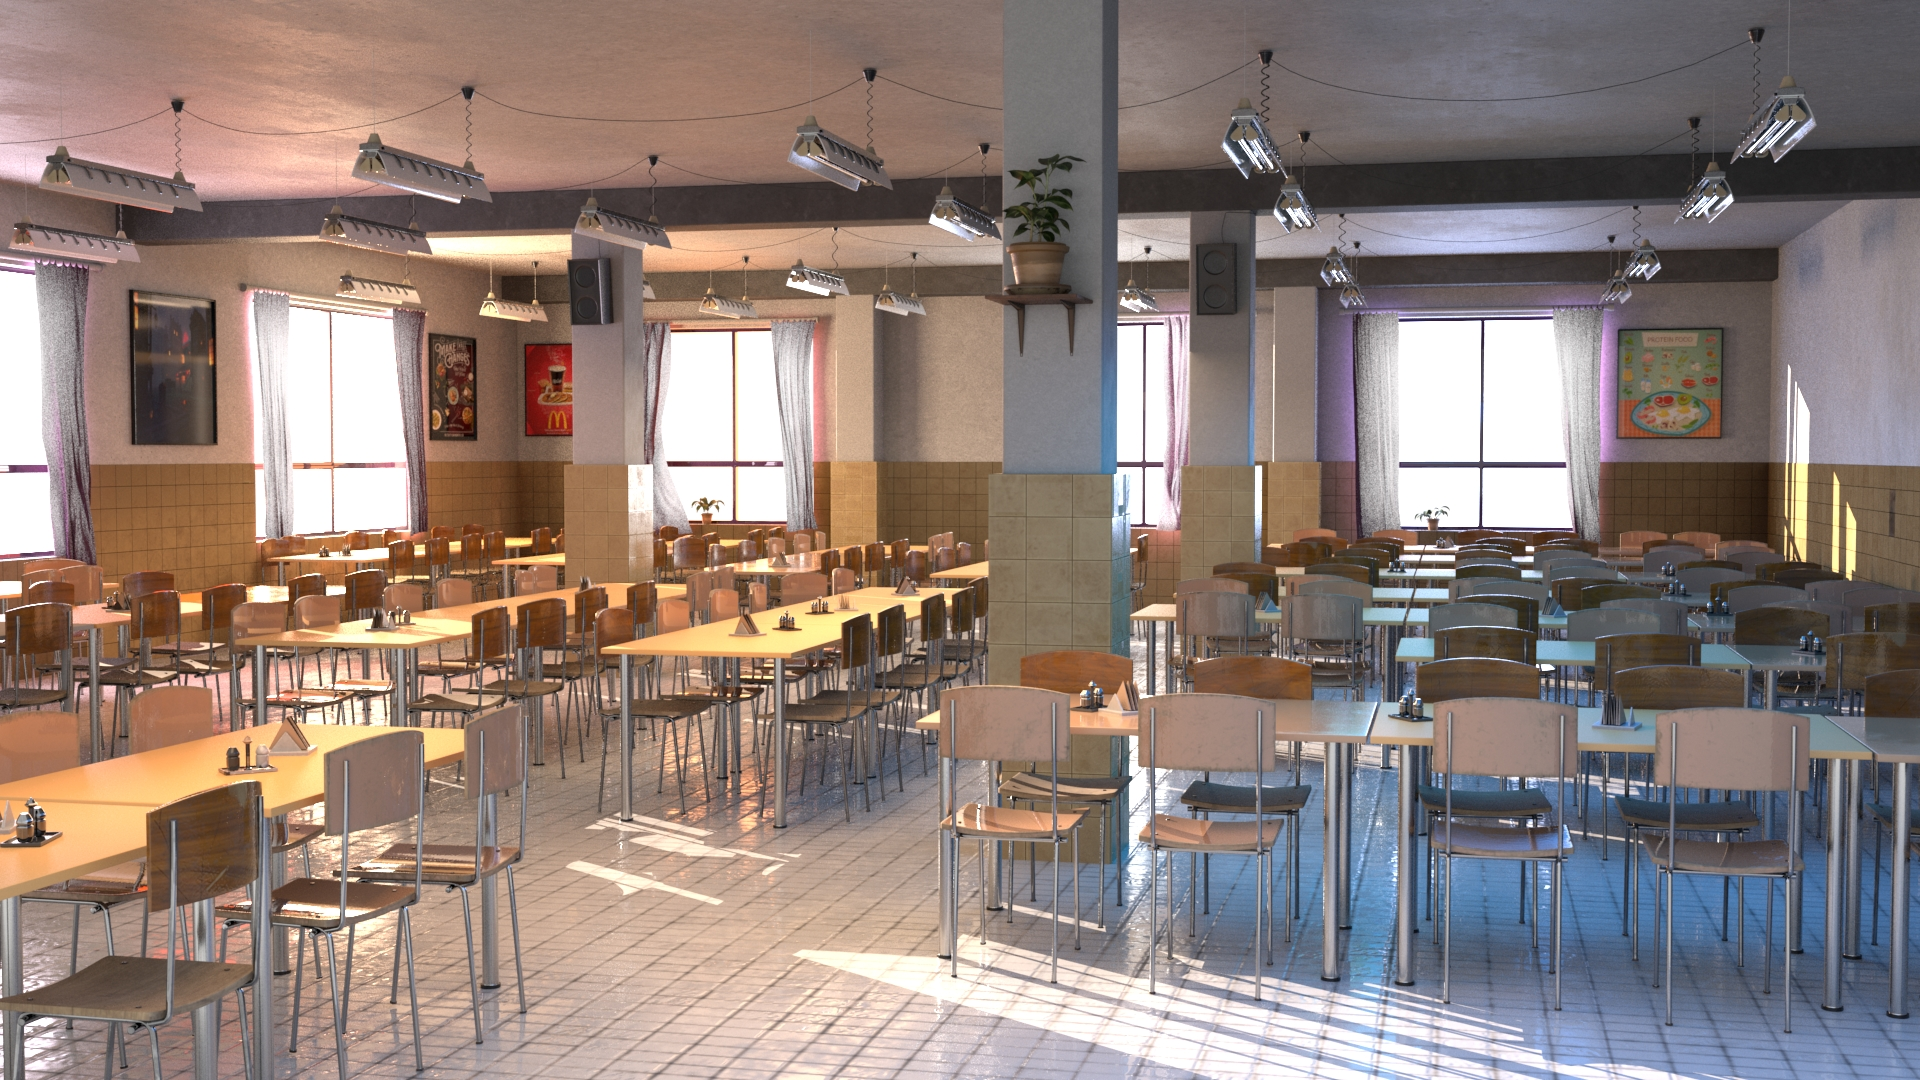 سالن غذاخوری مدرسه